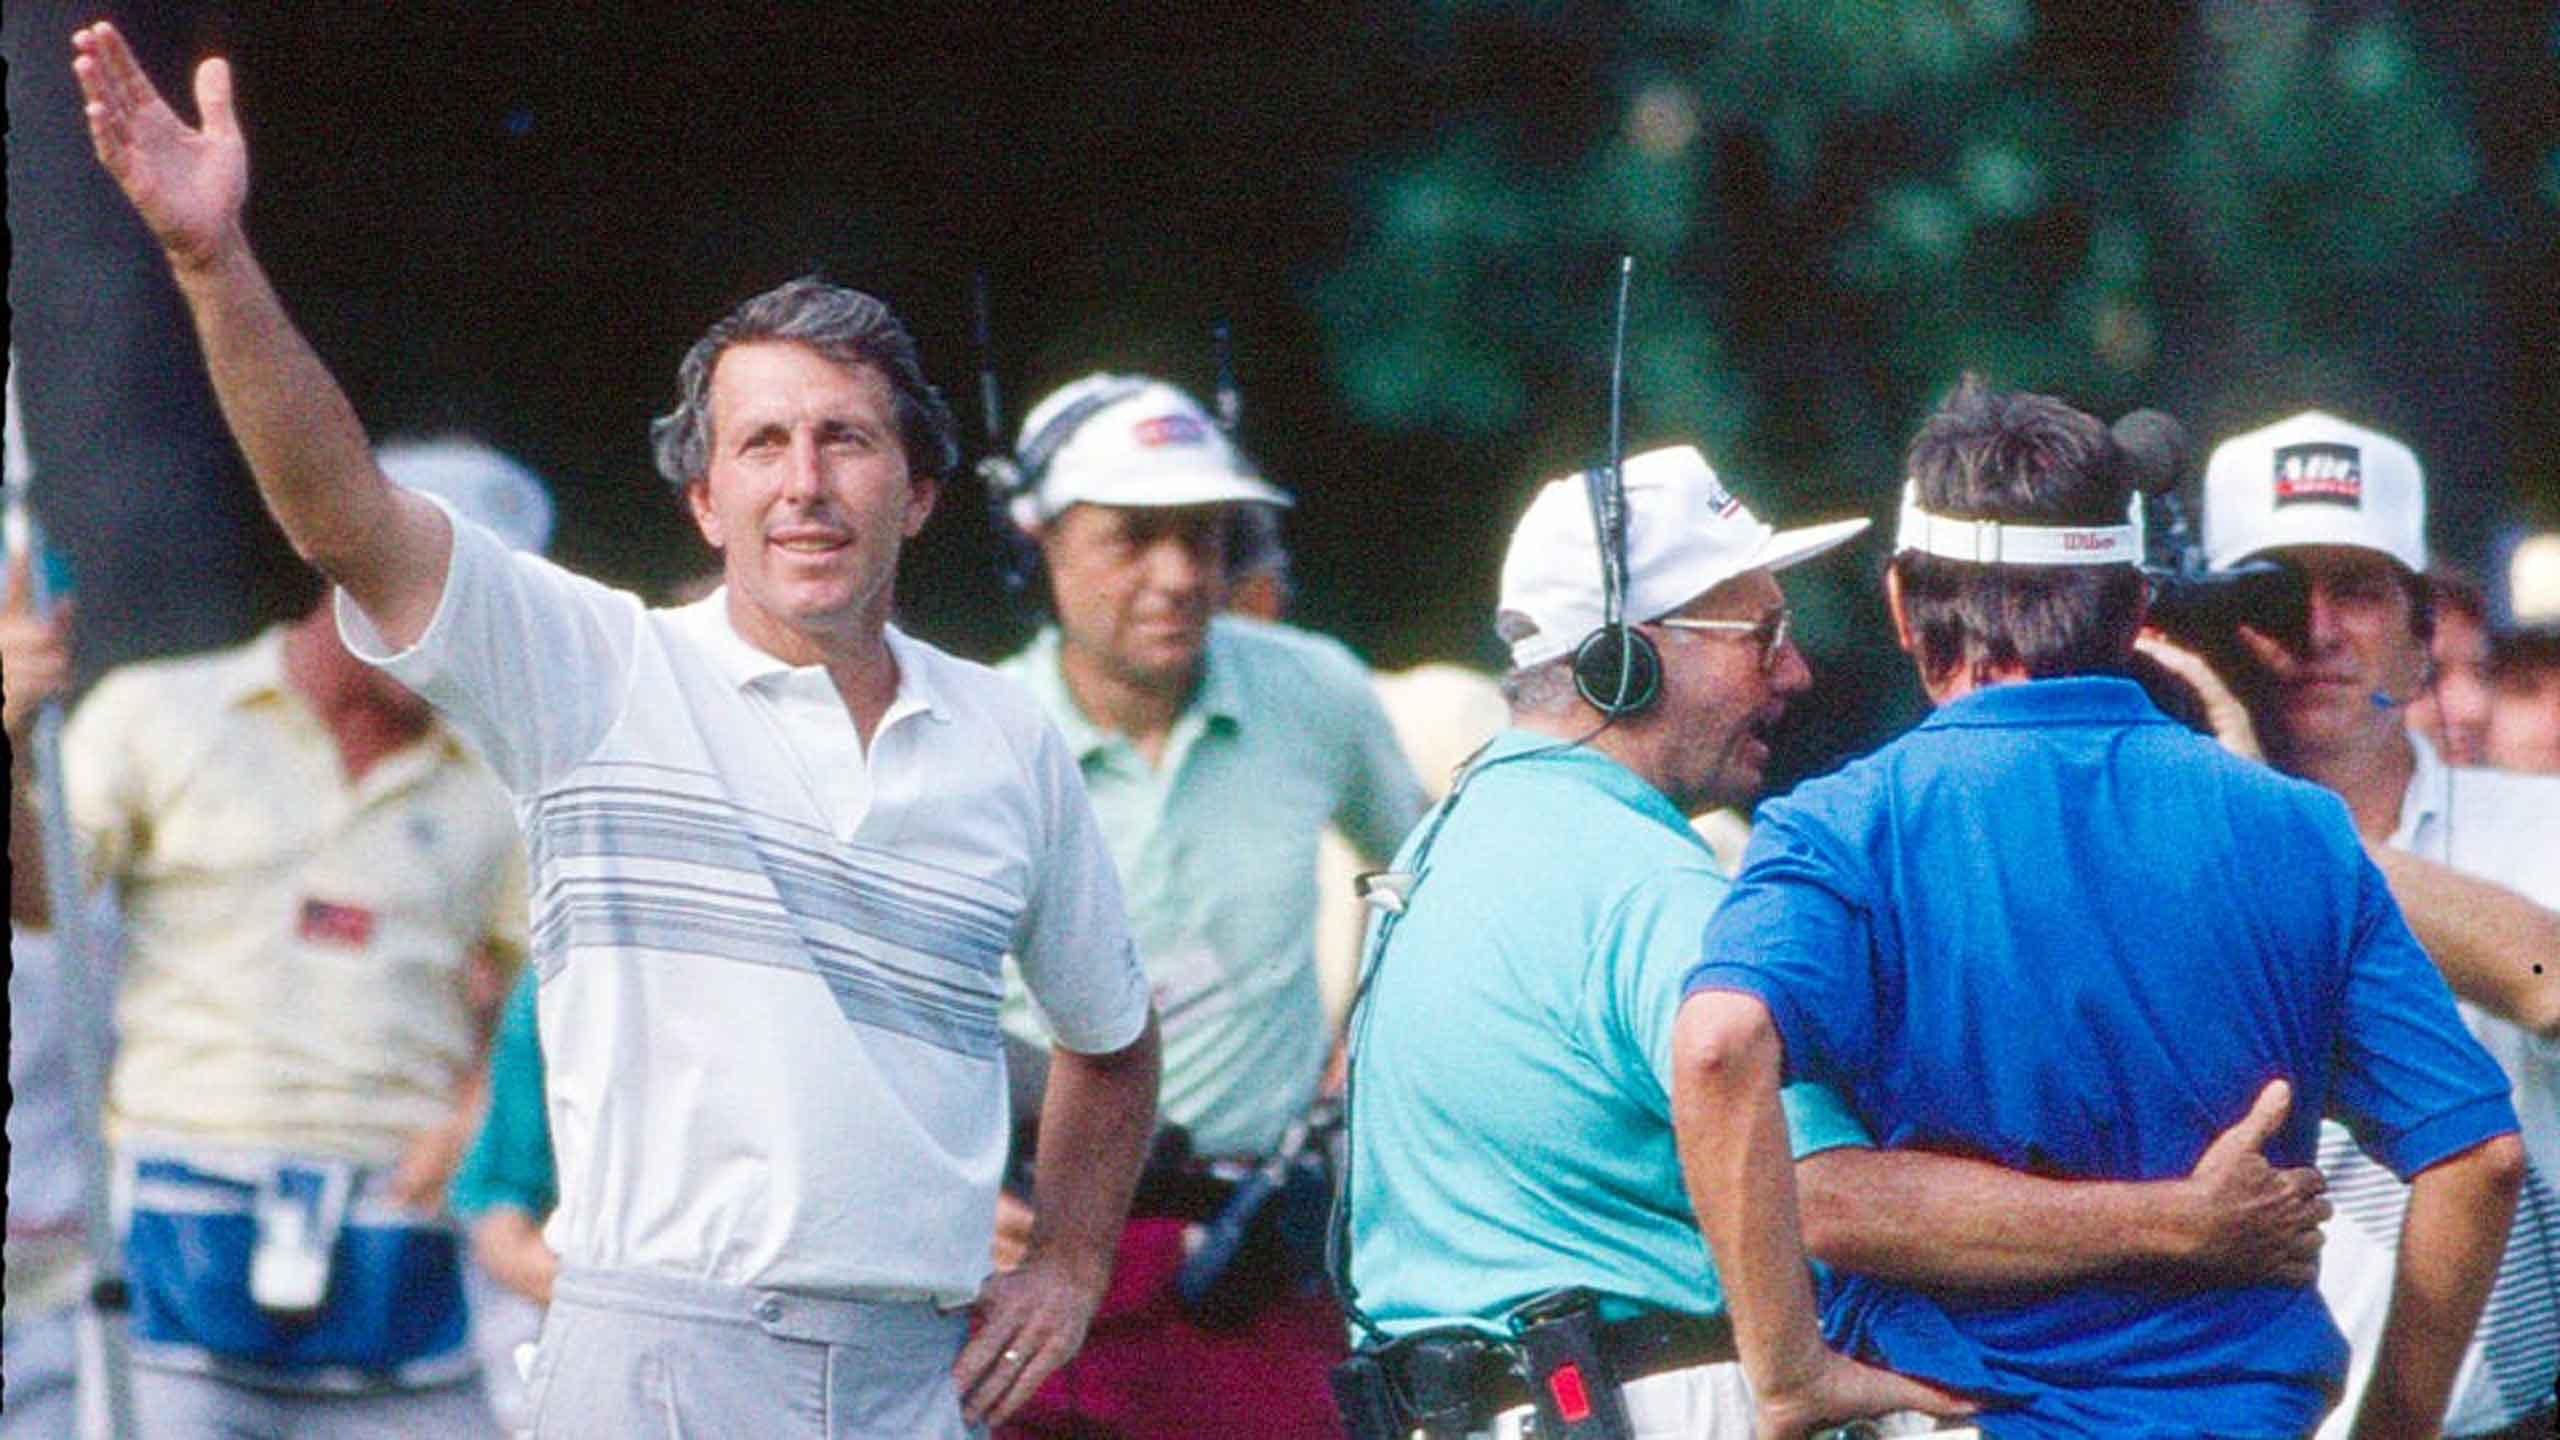 Hale Irwin 1990 U.S. Open